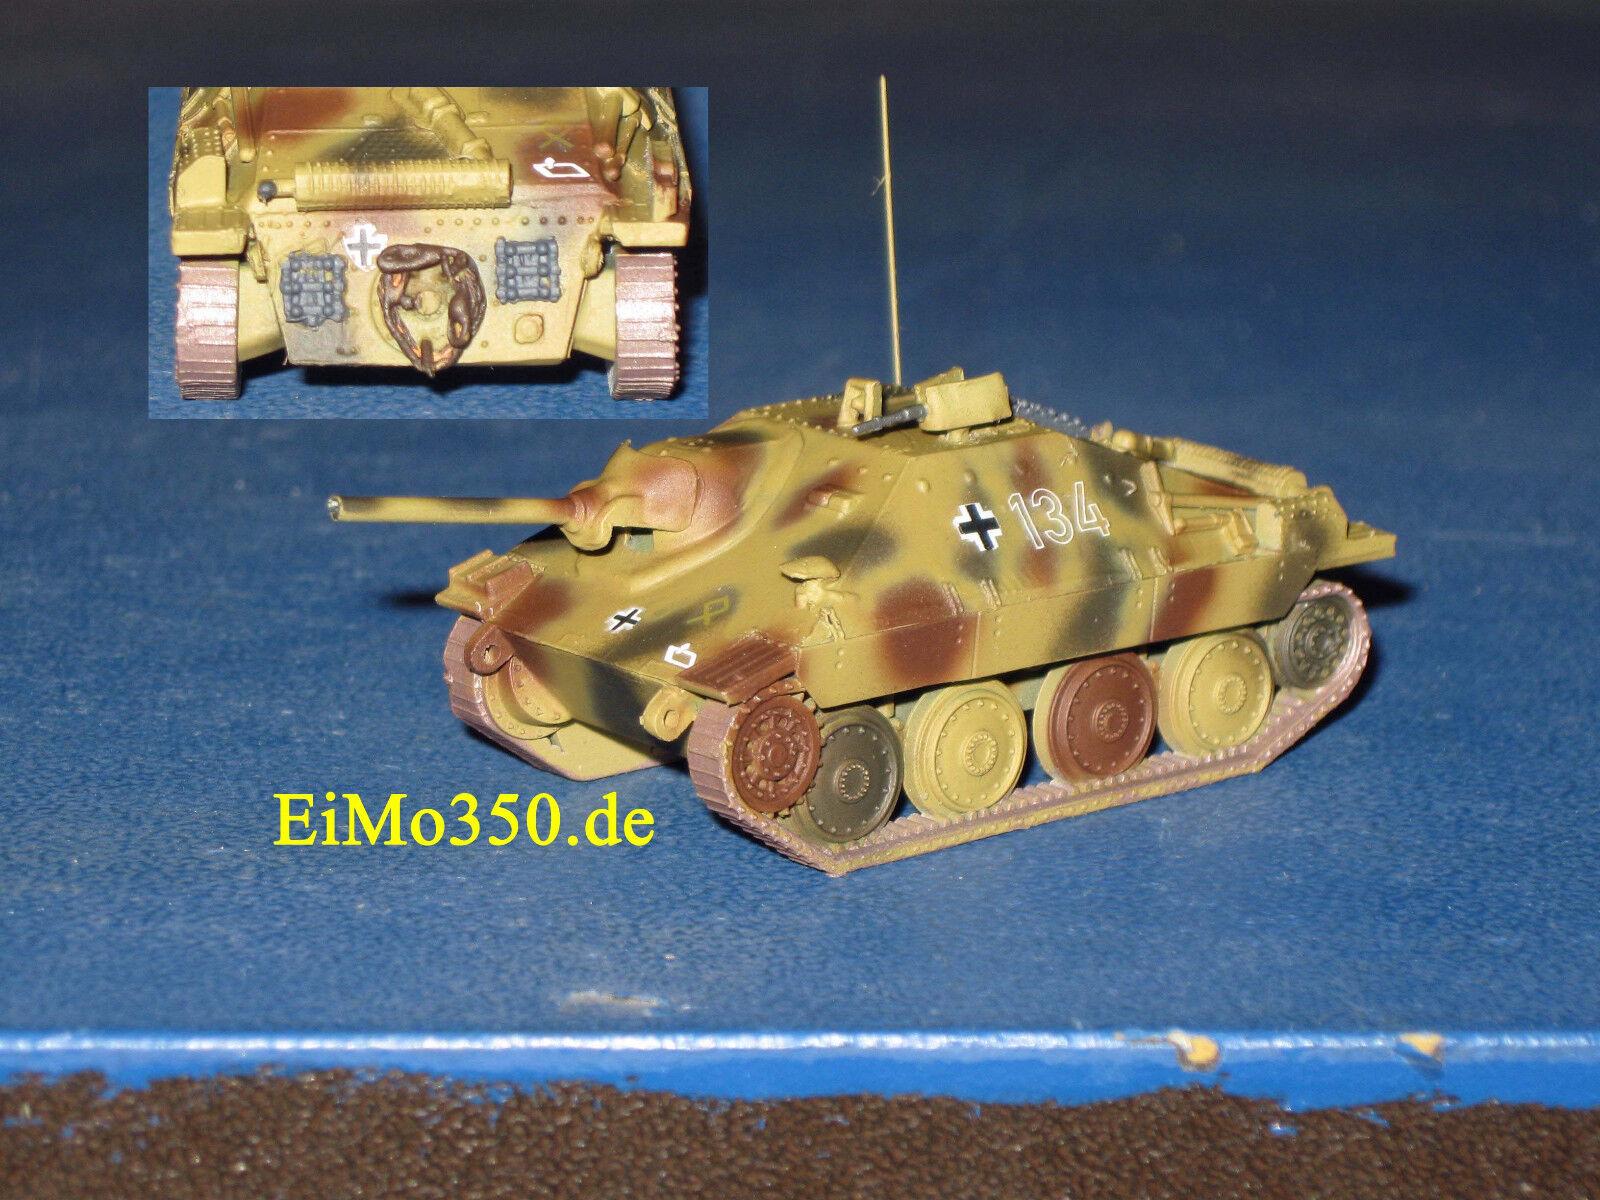 Caccia carri armati  costui  SD. KFZ 138 2 1 87 h0 ROCO Herpa mini serbatoio WKII